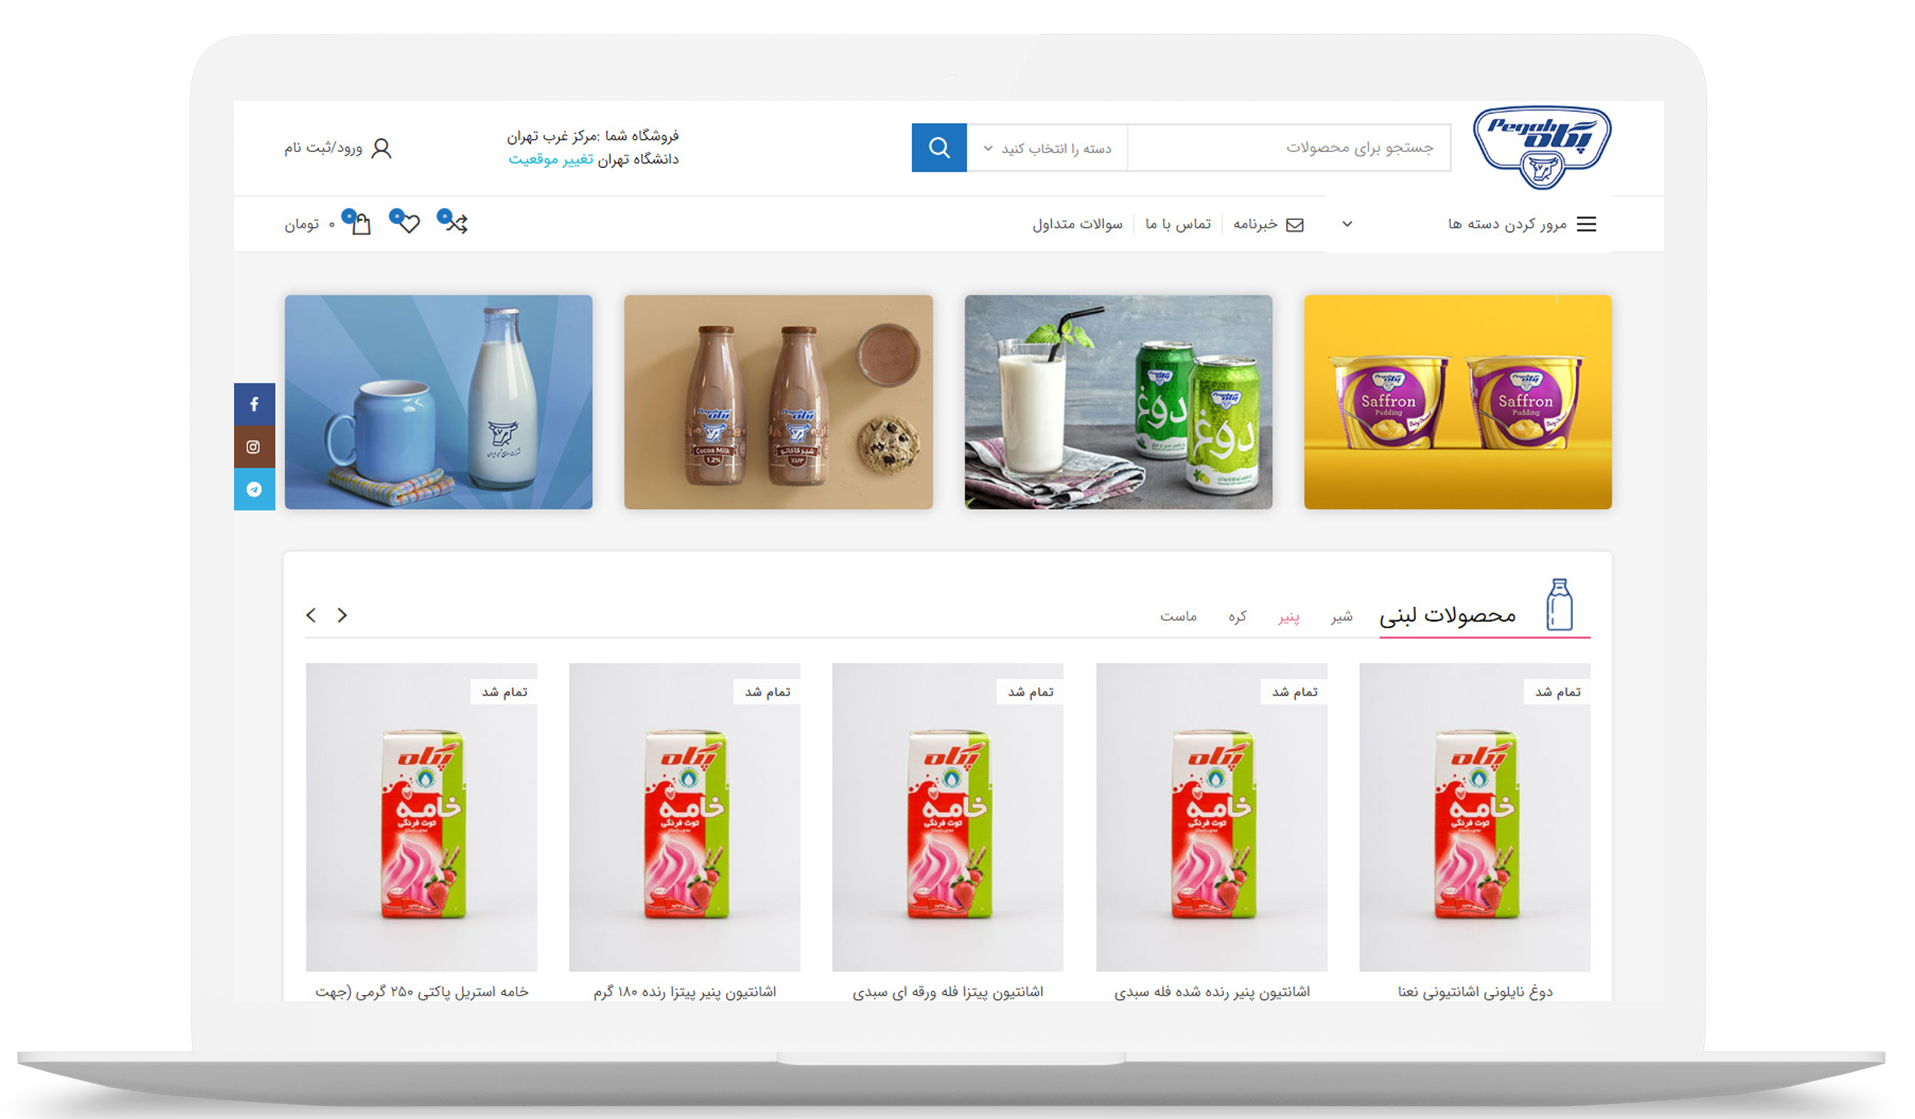 ساخت سایت، طراحی سایت فروشگاهی